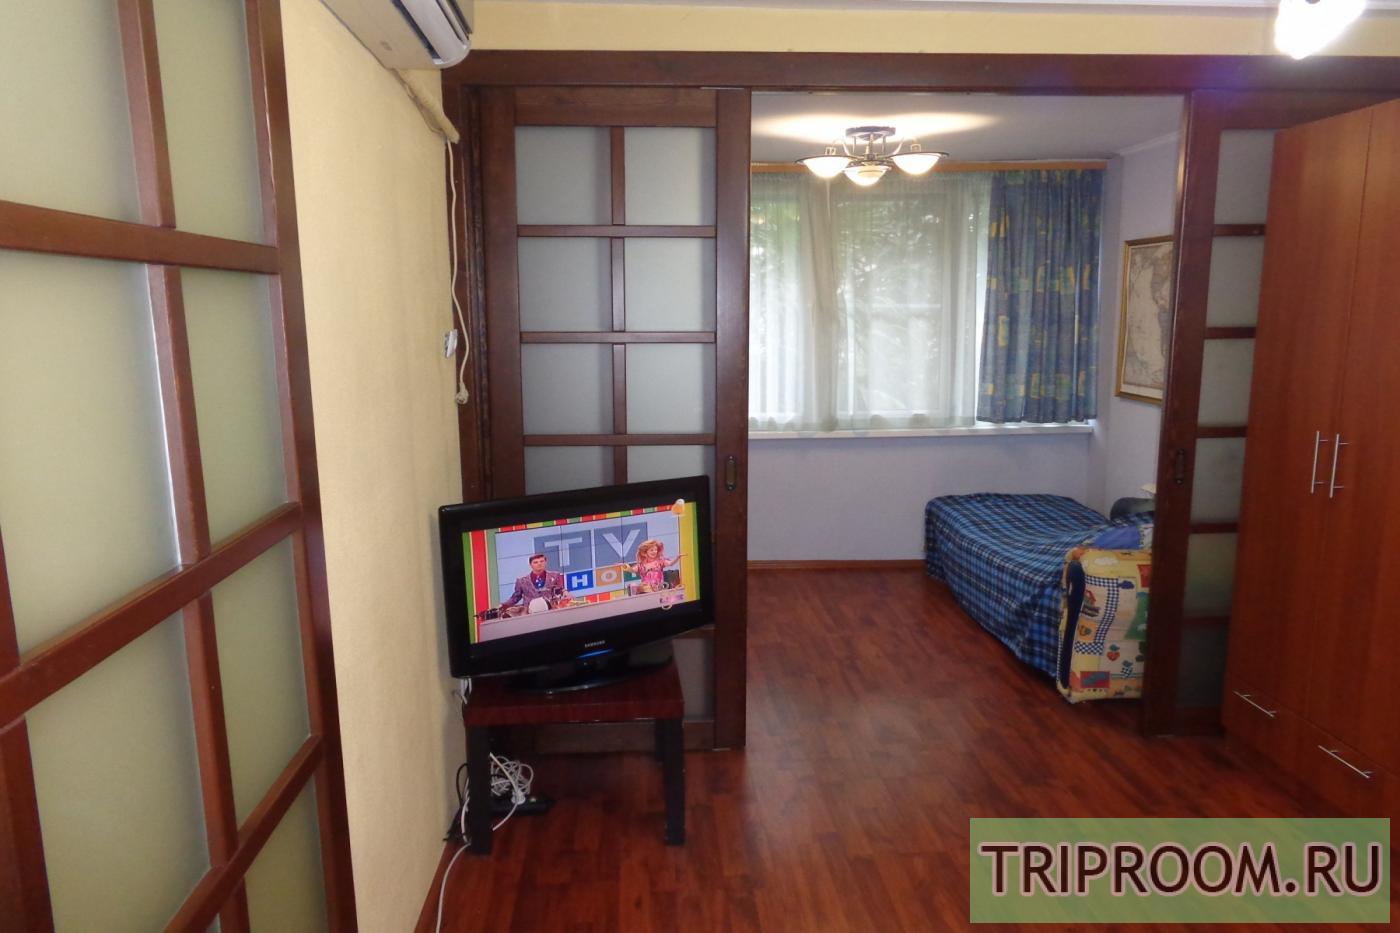 1-комнатная квартира посуточно (вариант № 2452), ул. Невская улица, фото № 7